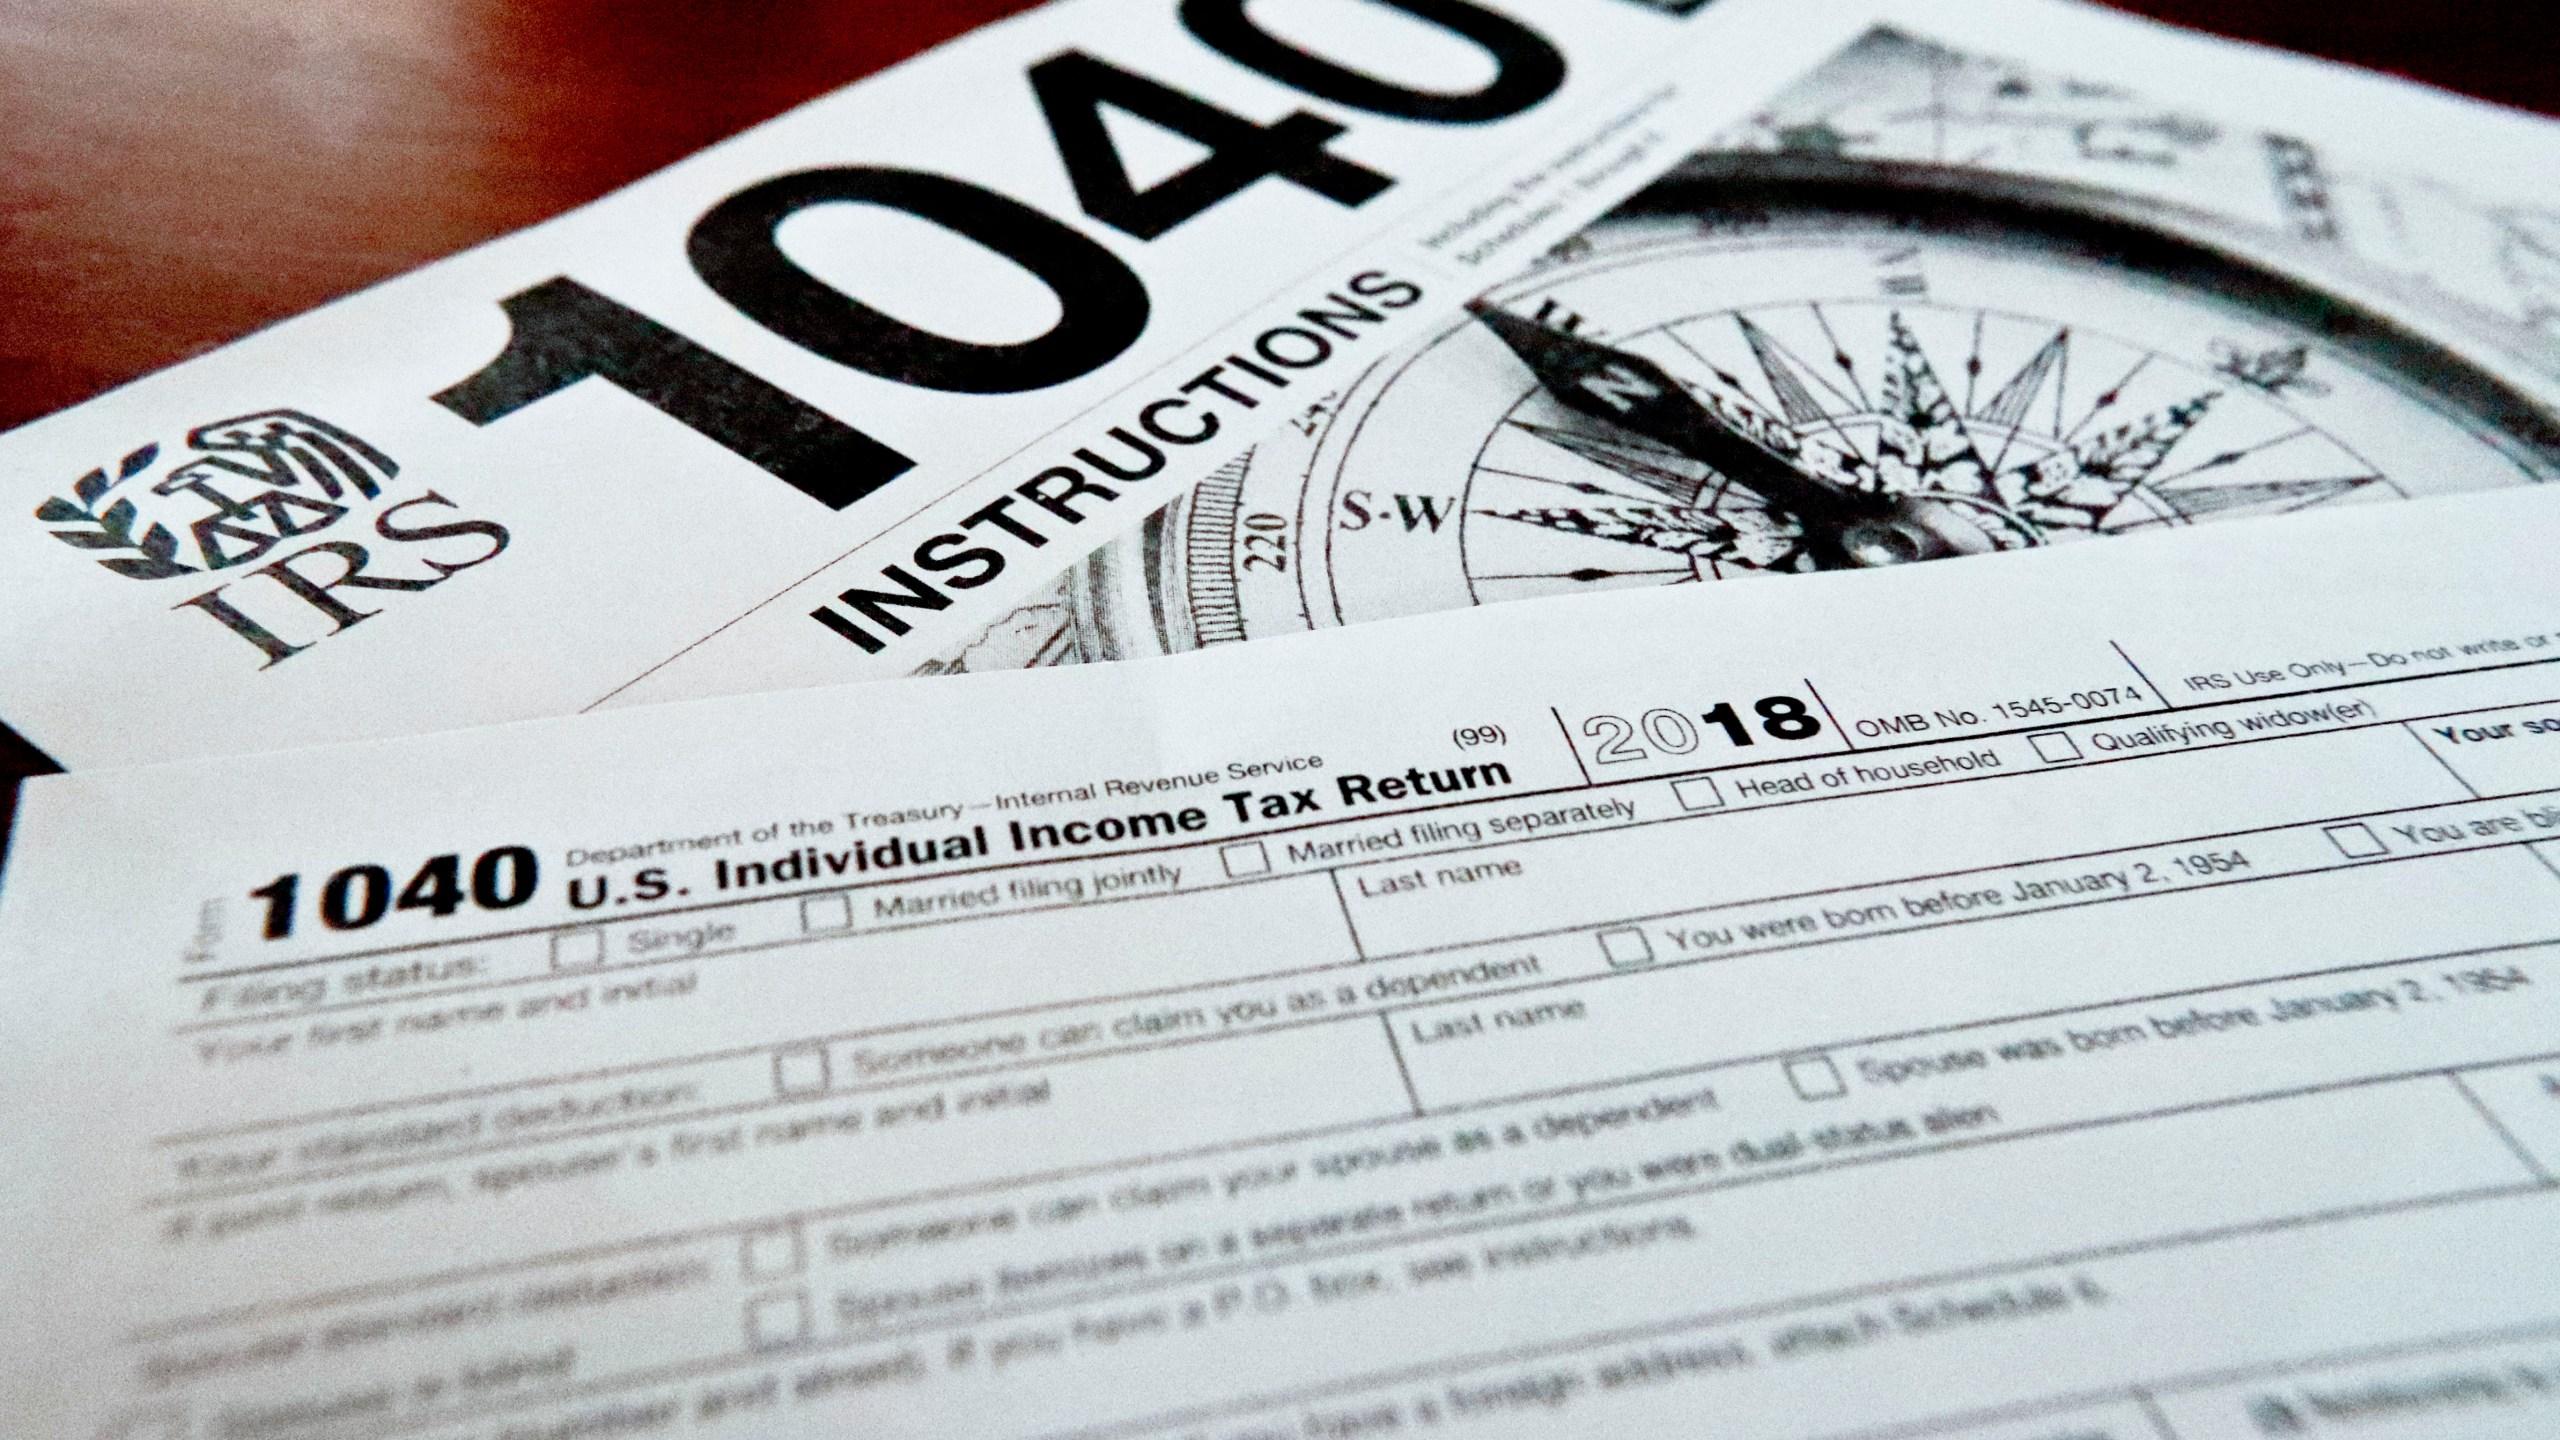 Quick_Fix_Tax_Timing_59020-159532.jpg92963568